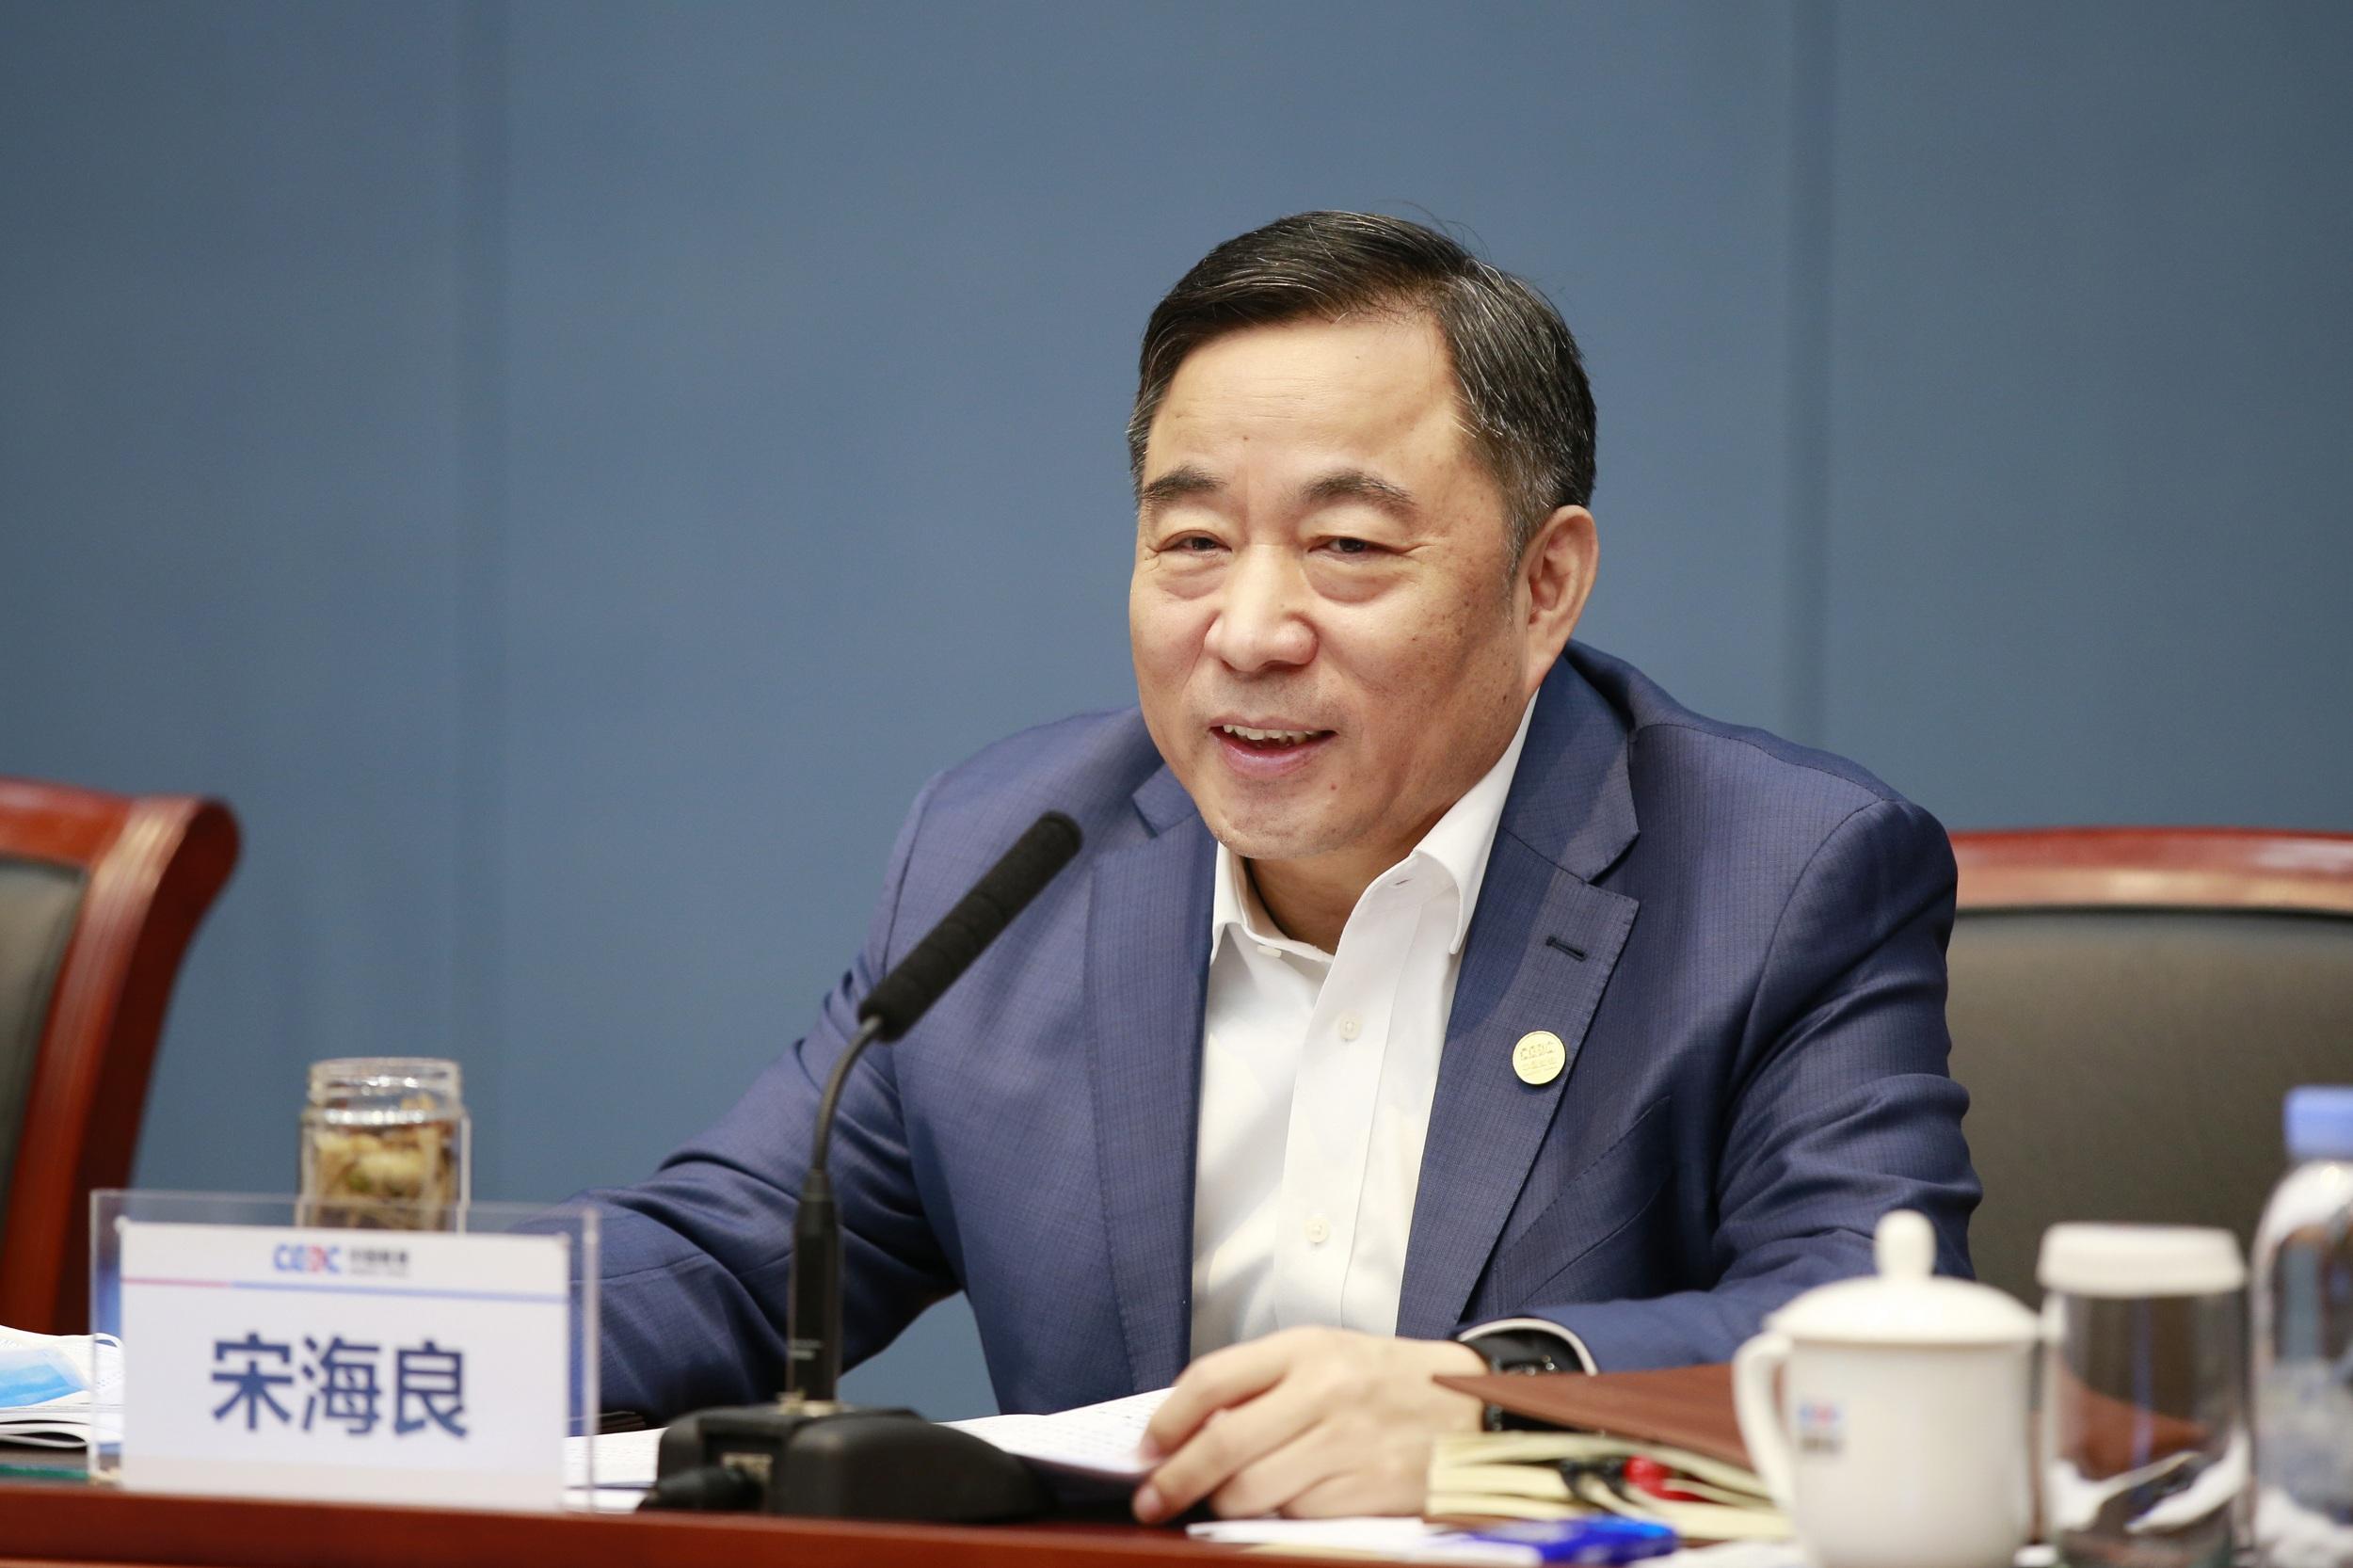 中国能建召开全面加强党的领导、加快高质量发展、深化系统改革和加强科学管理务虚会